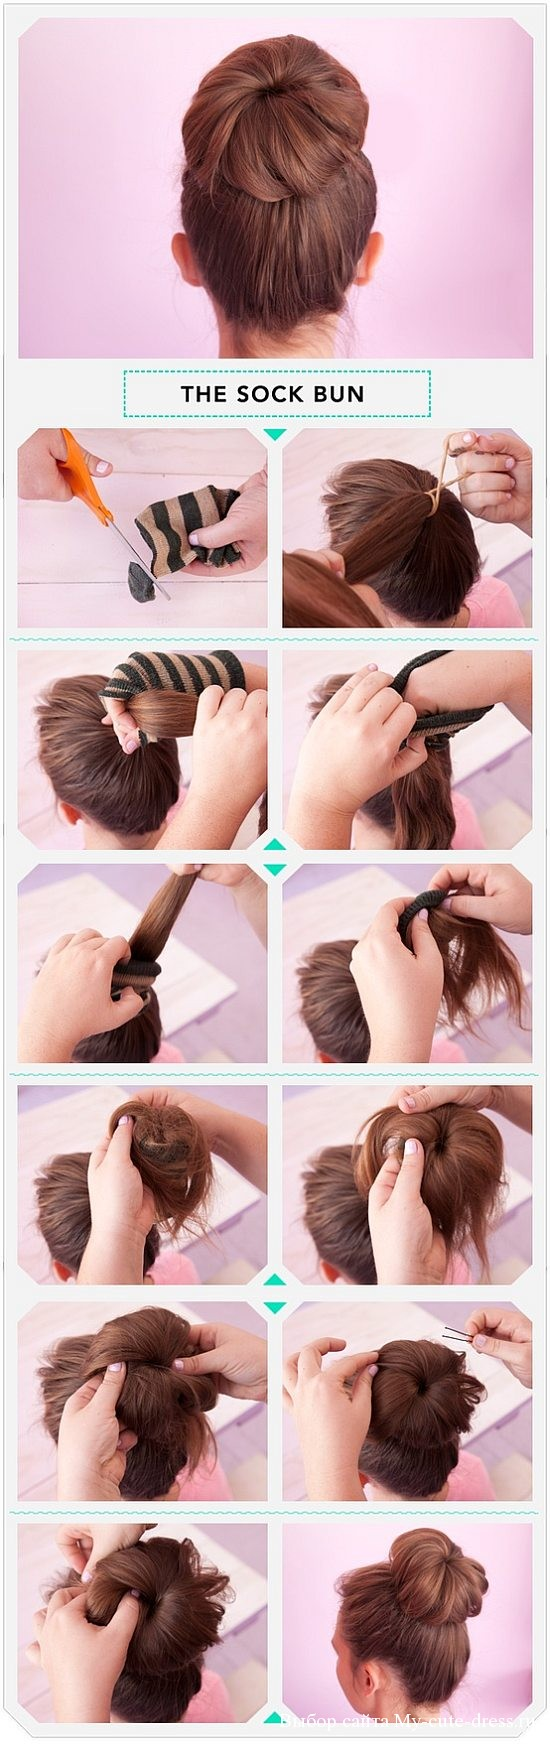 Как сделать дульку на голове